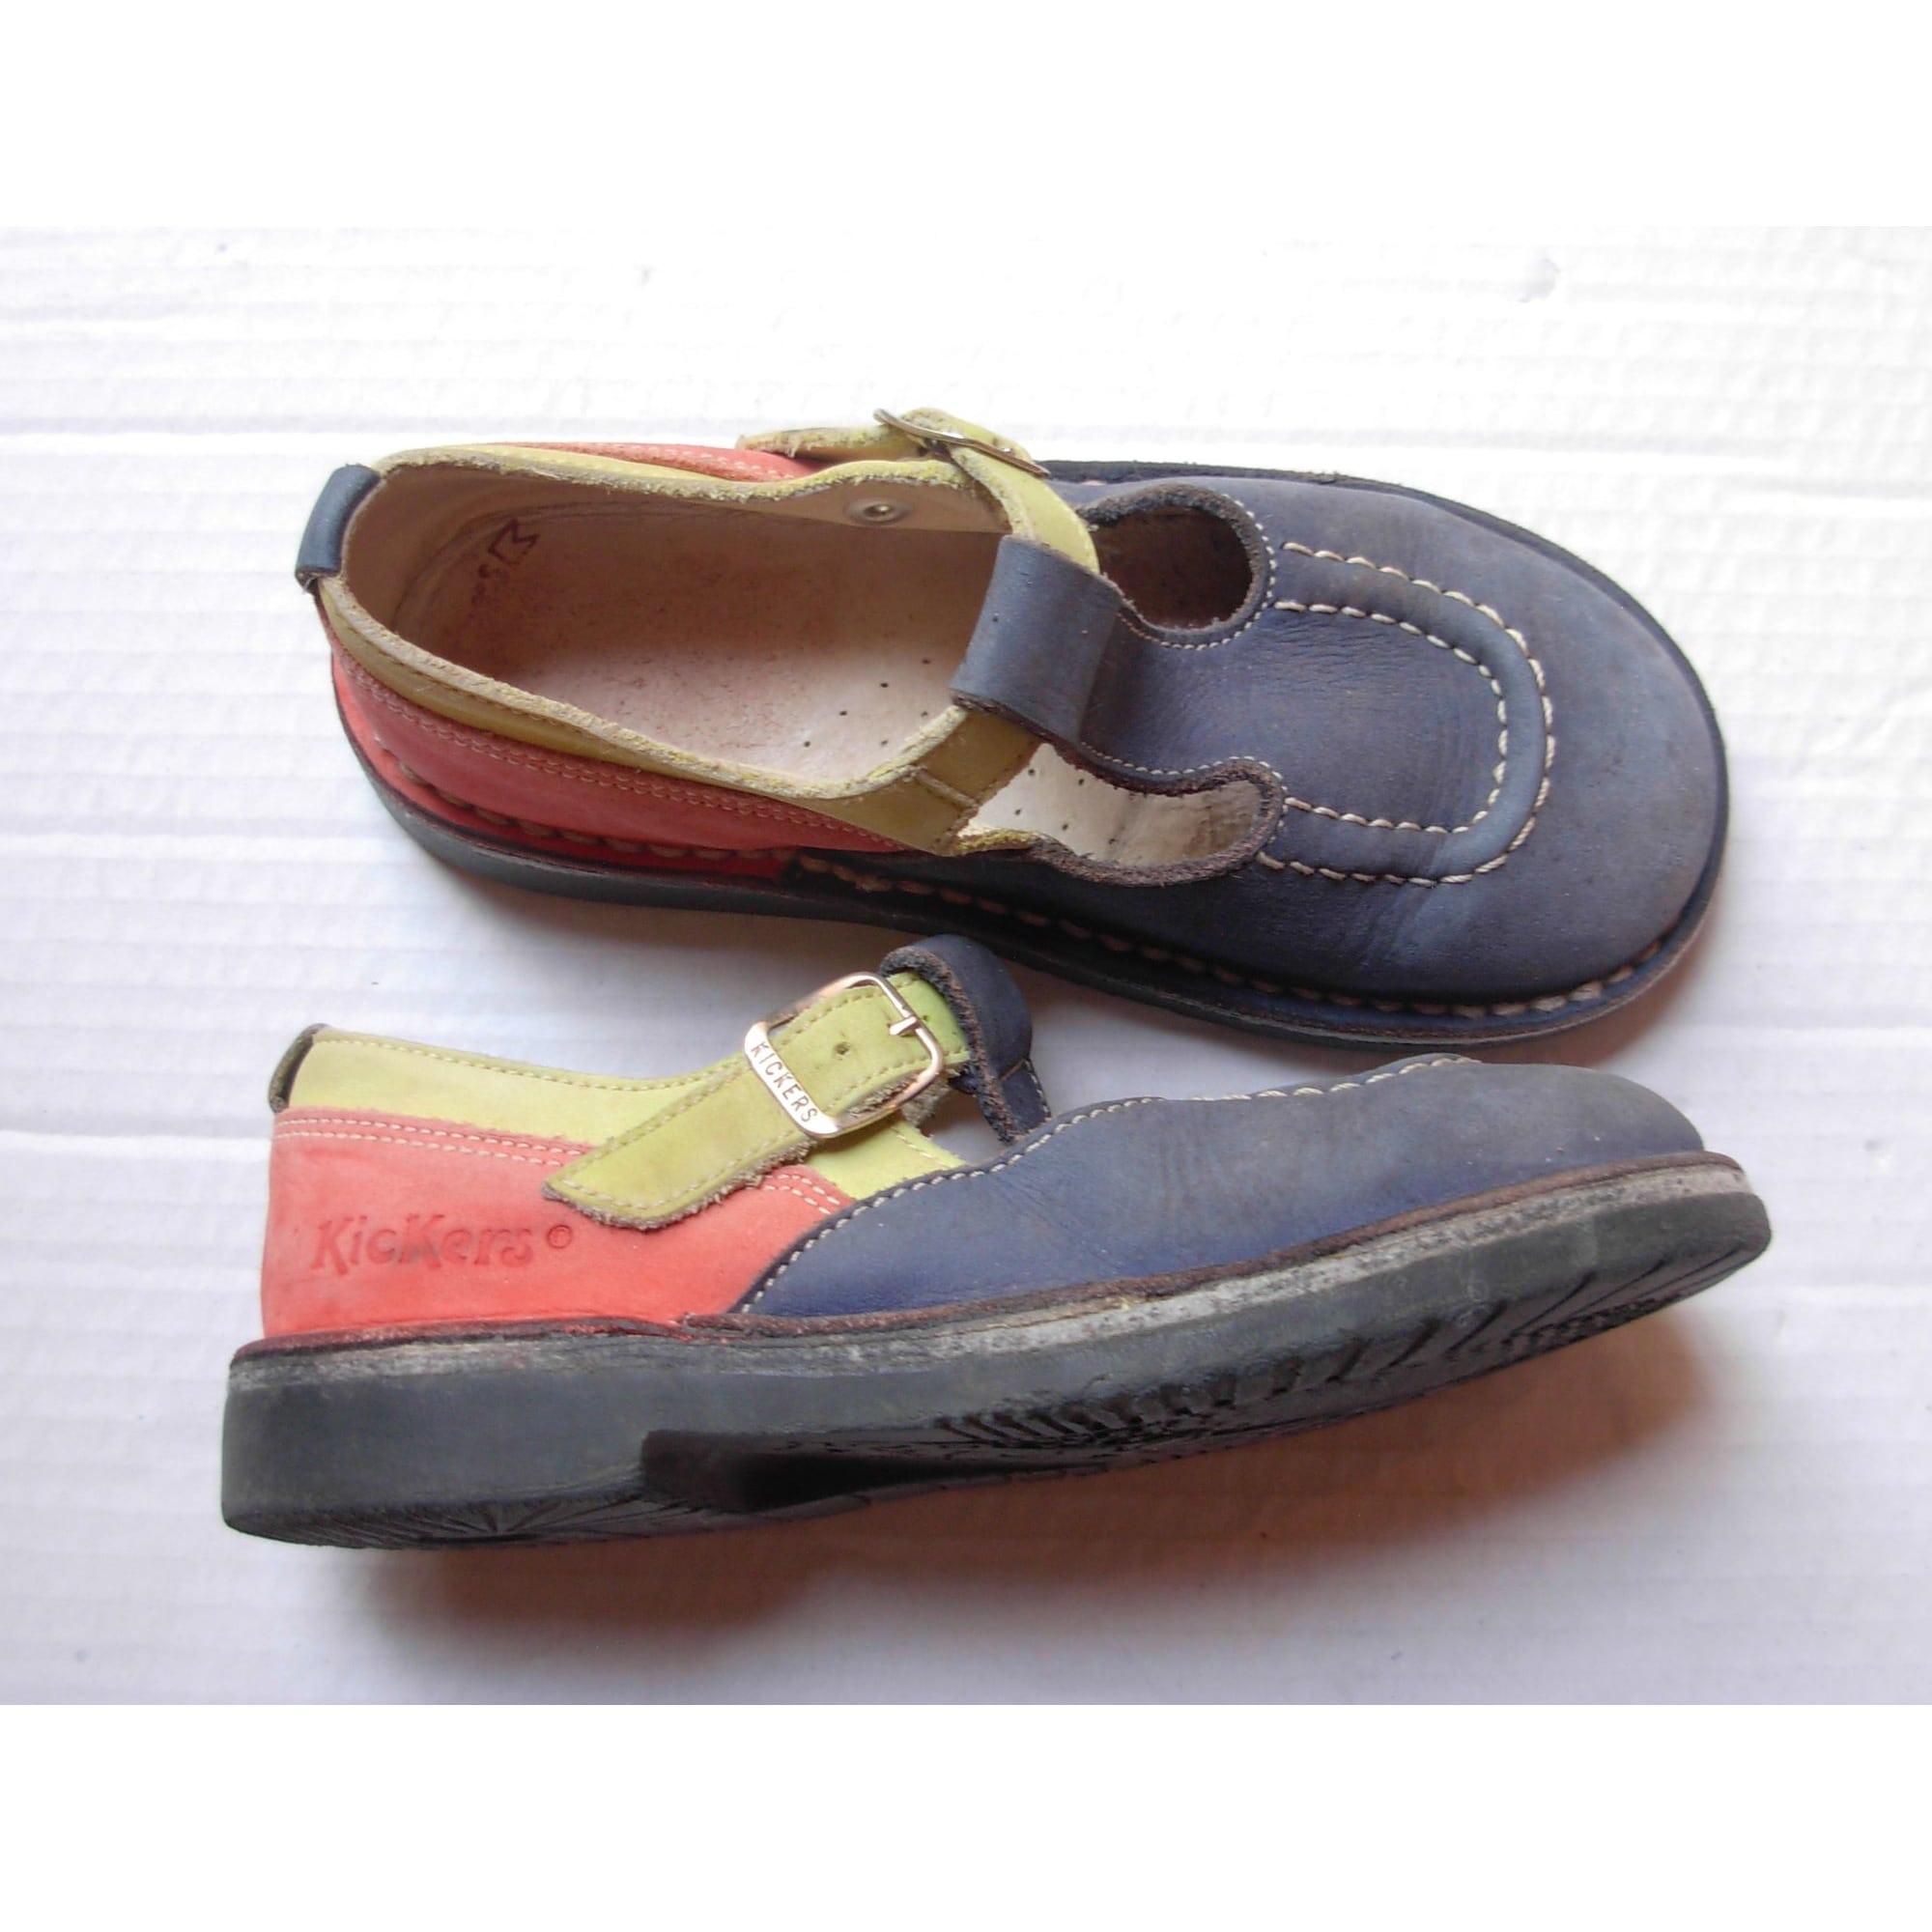 nouvelle collection france pas cher vente gamme exceptionnelle de styles Chaussures à boucles